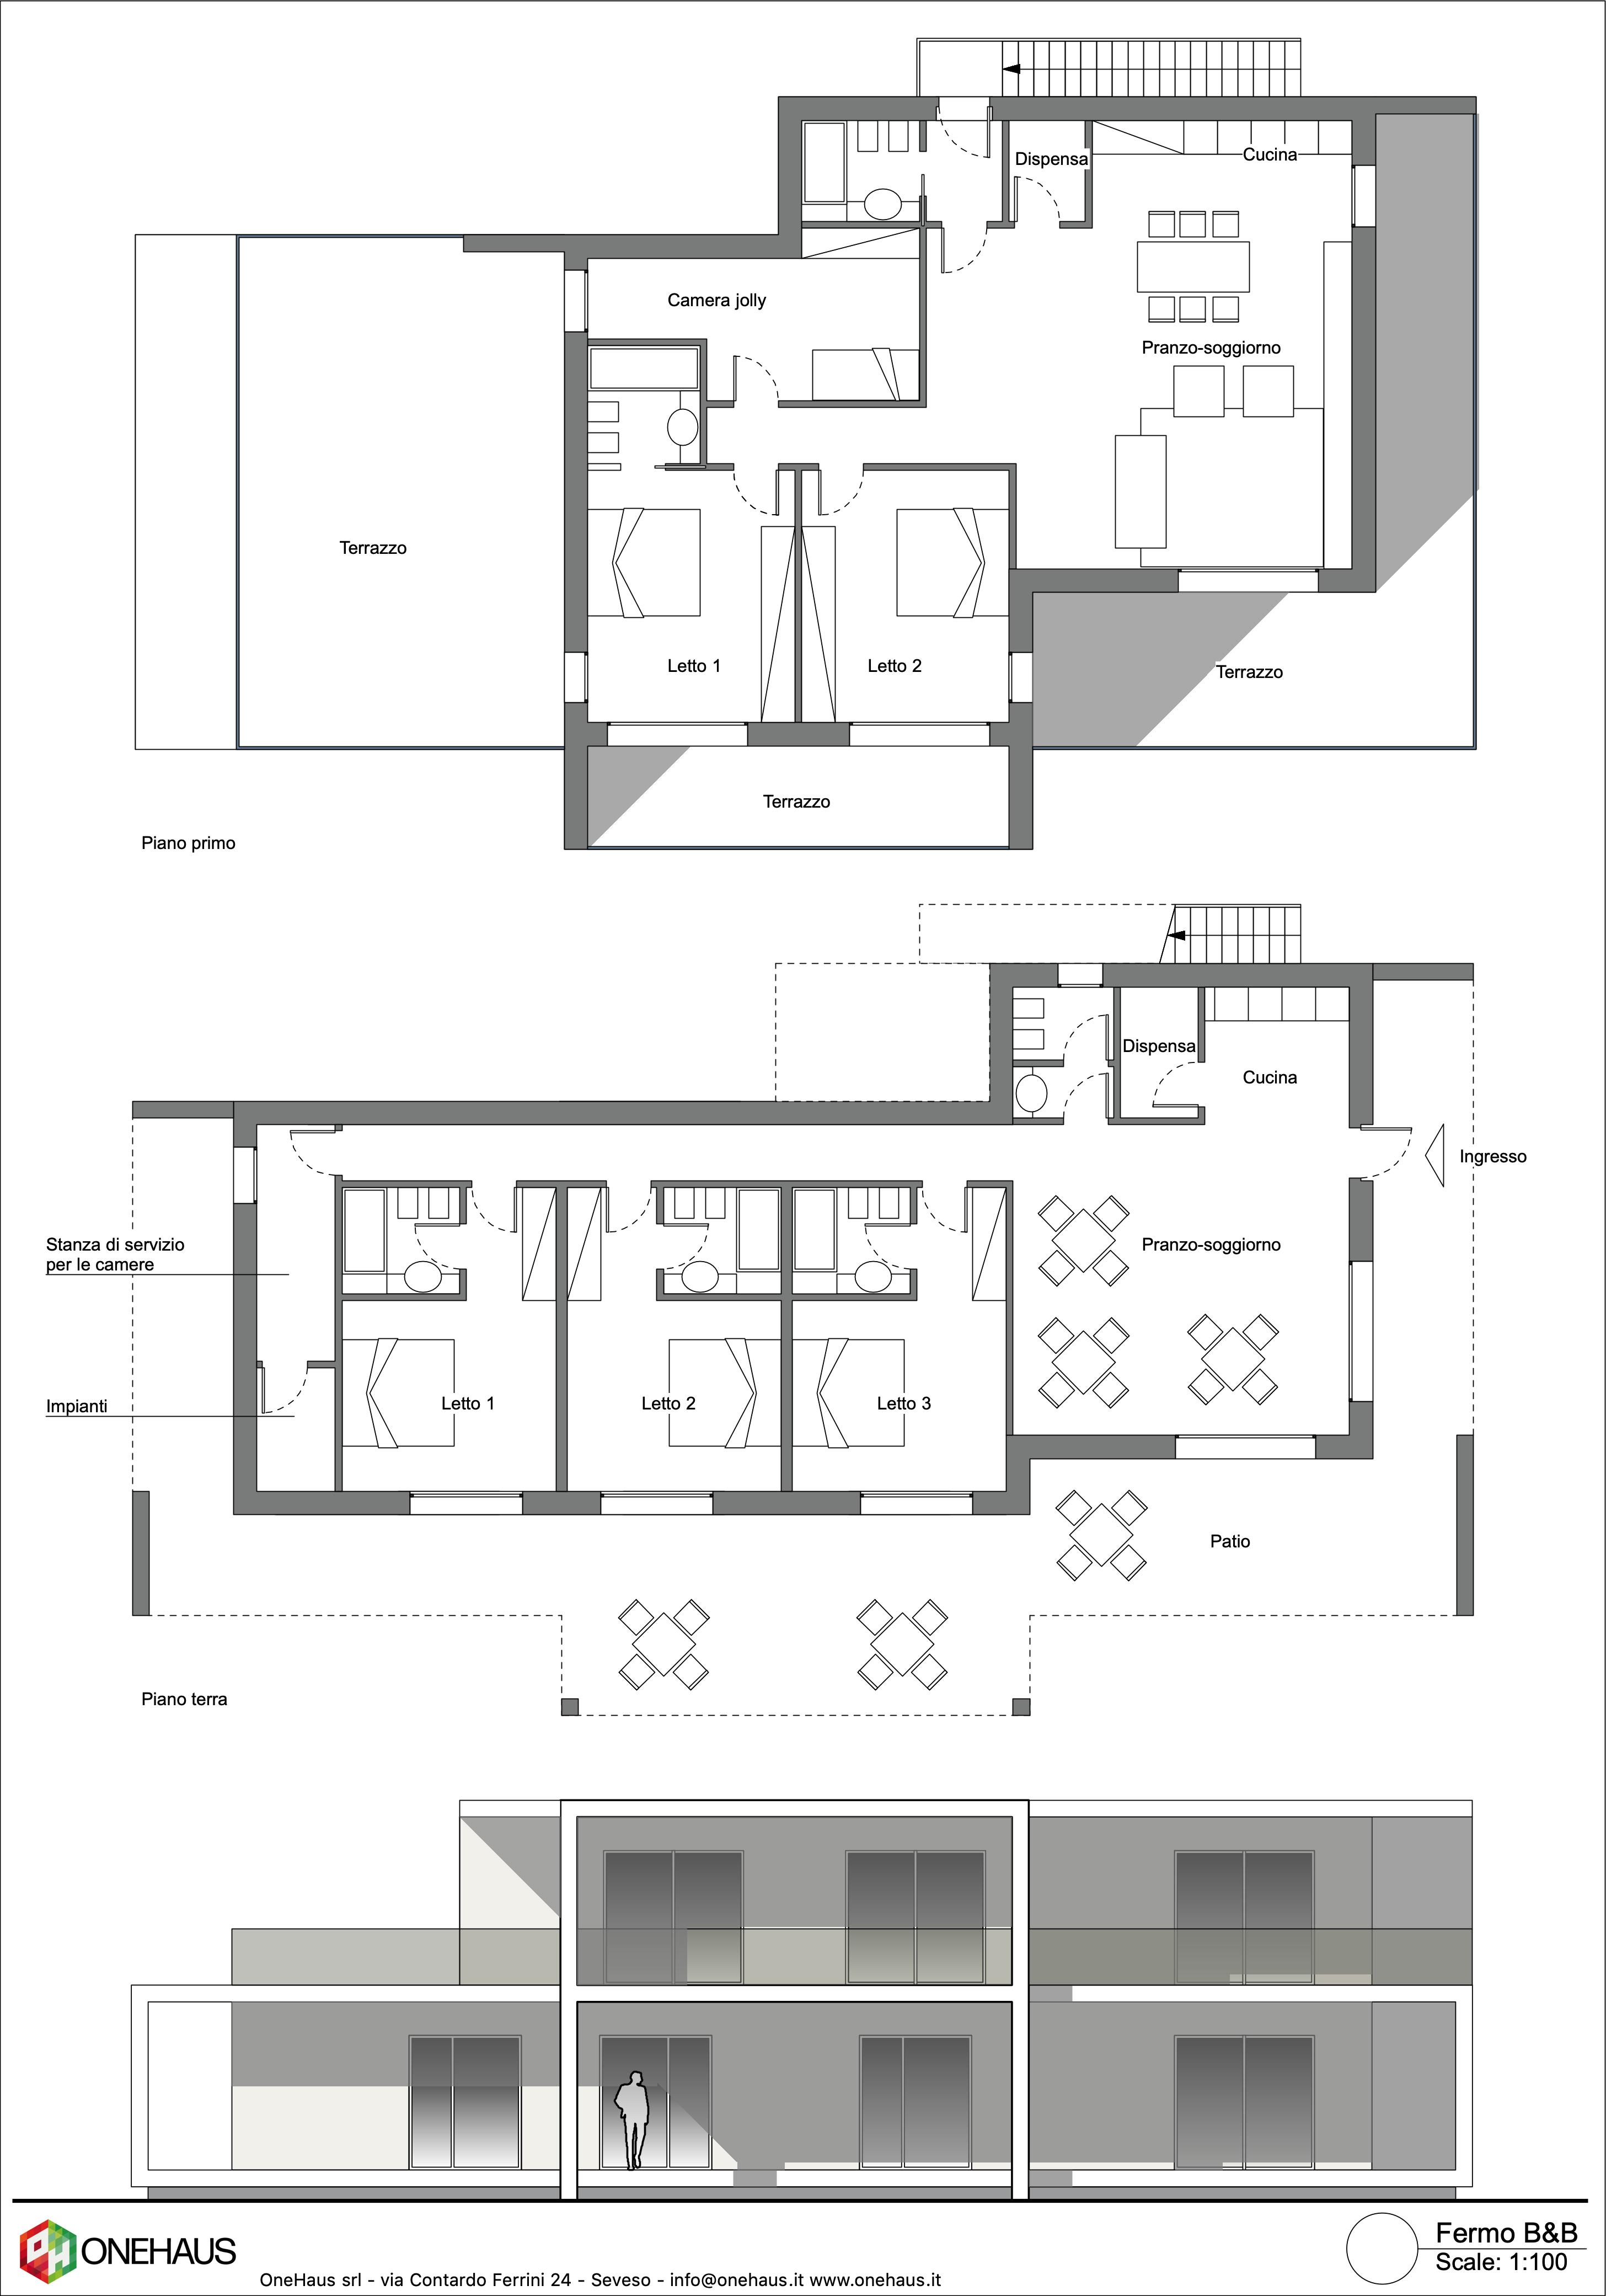 Planimetria della costruzione Struttura ricettiva (hotel, villaggio) in Legno modello Bed and Breakfast di OneHaus